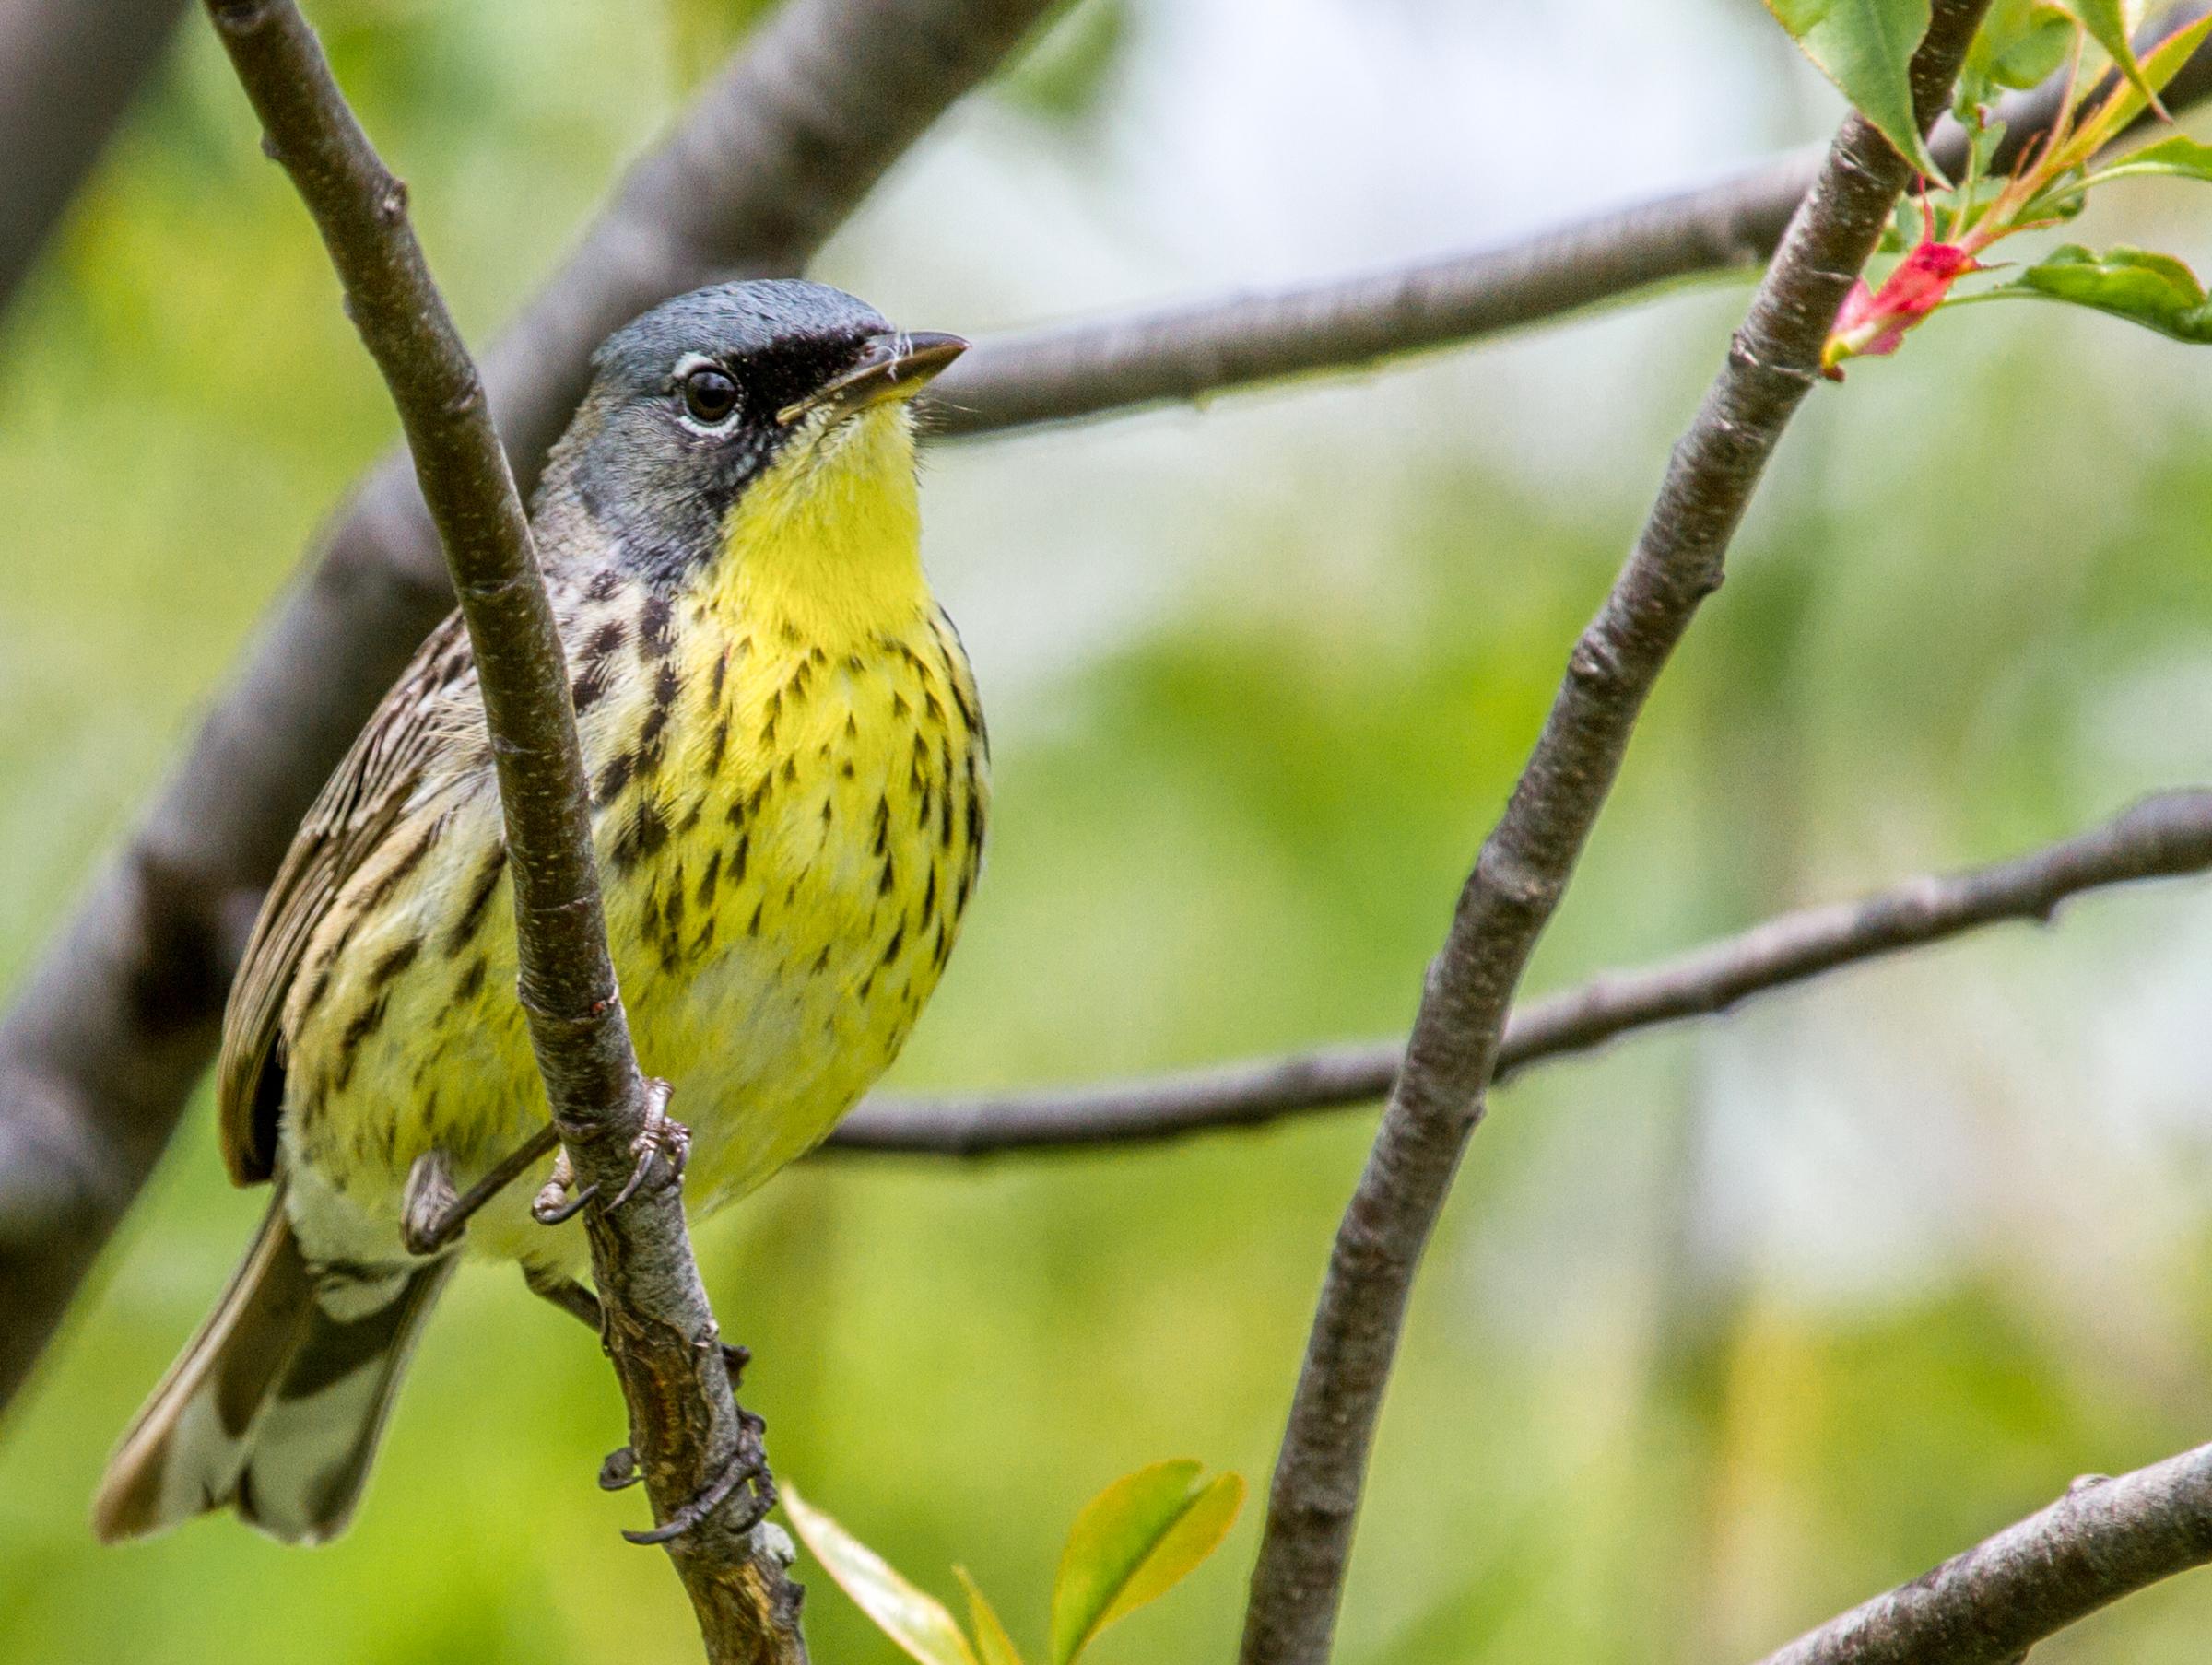 Kirtland's Warbler, Eric Fishel/Audubon Photography Awards